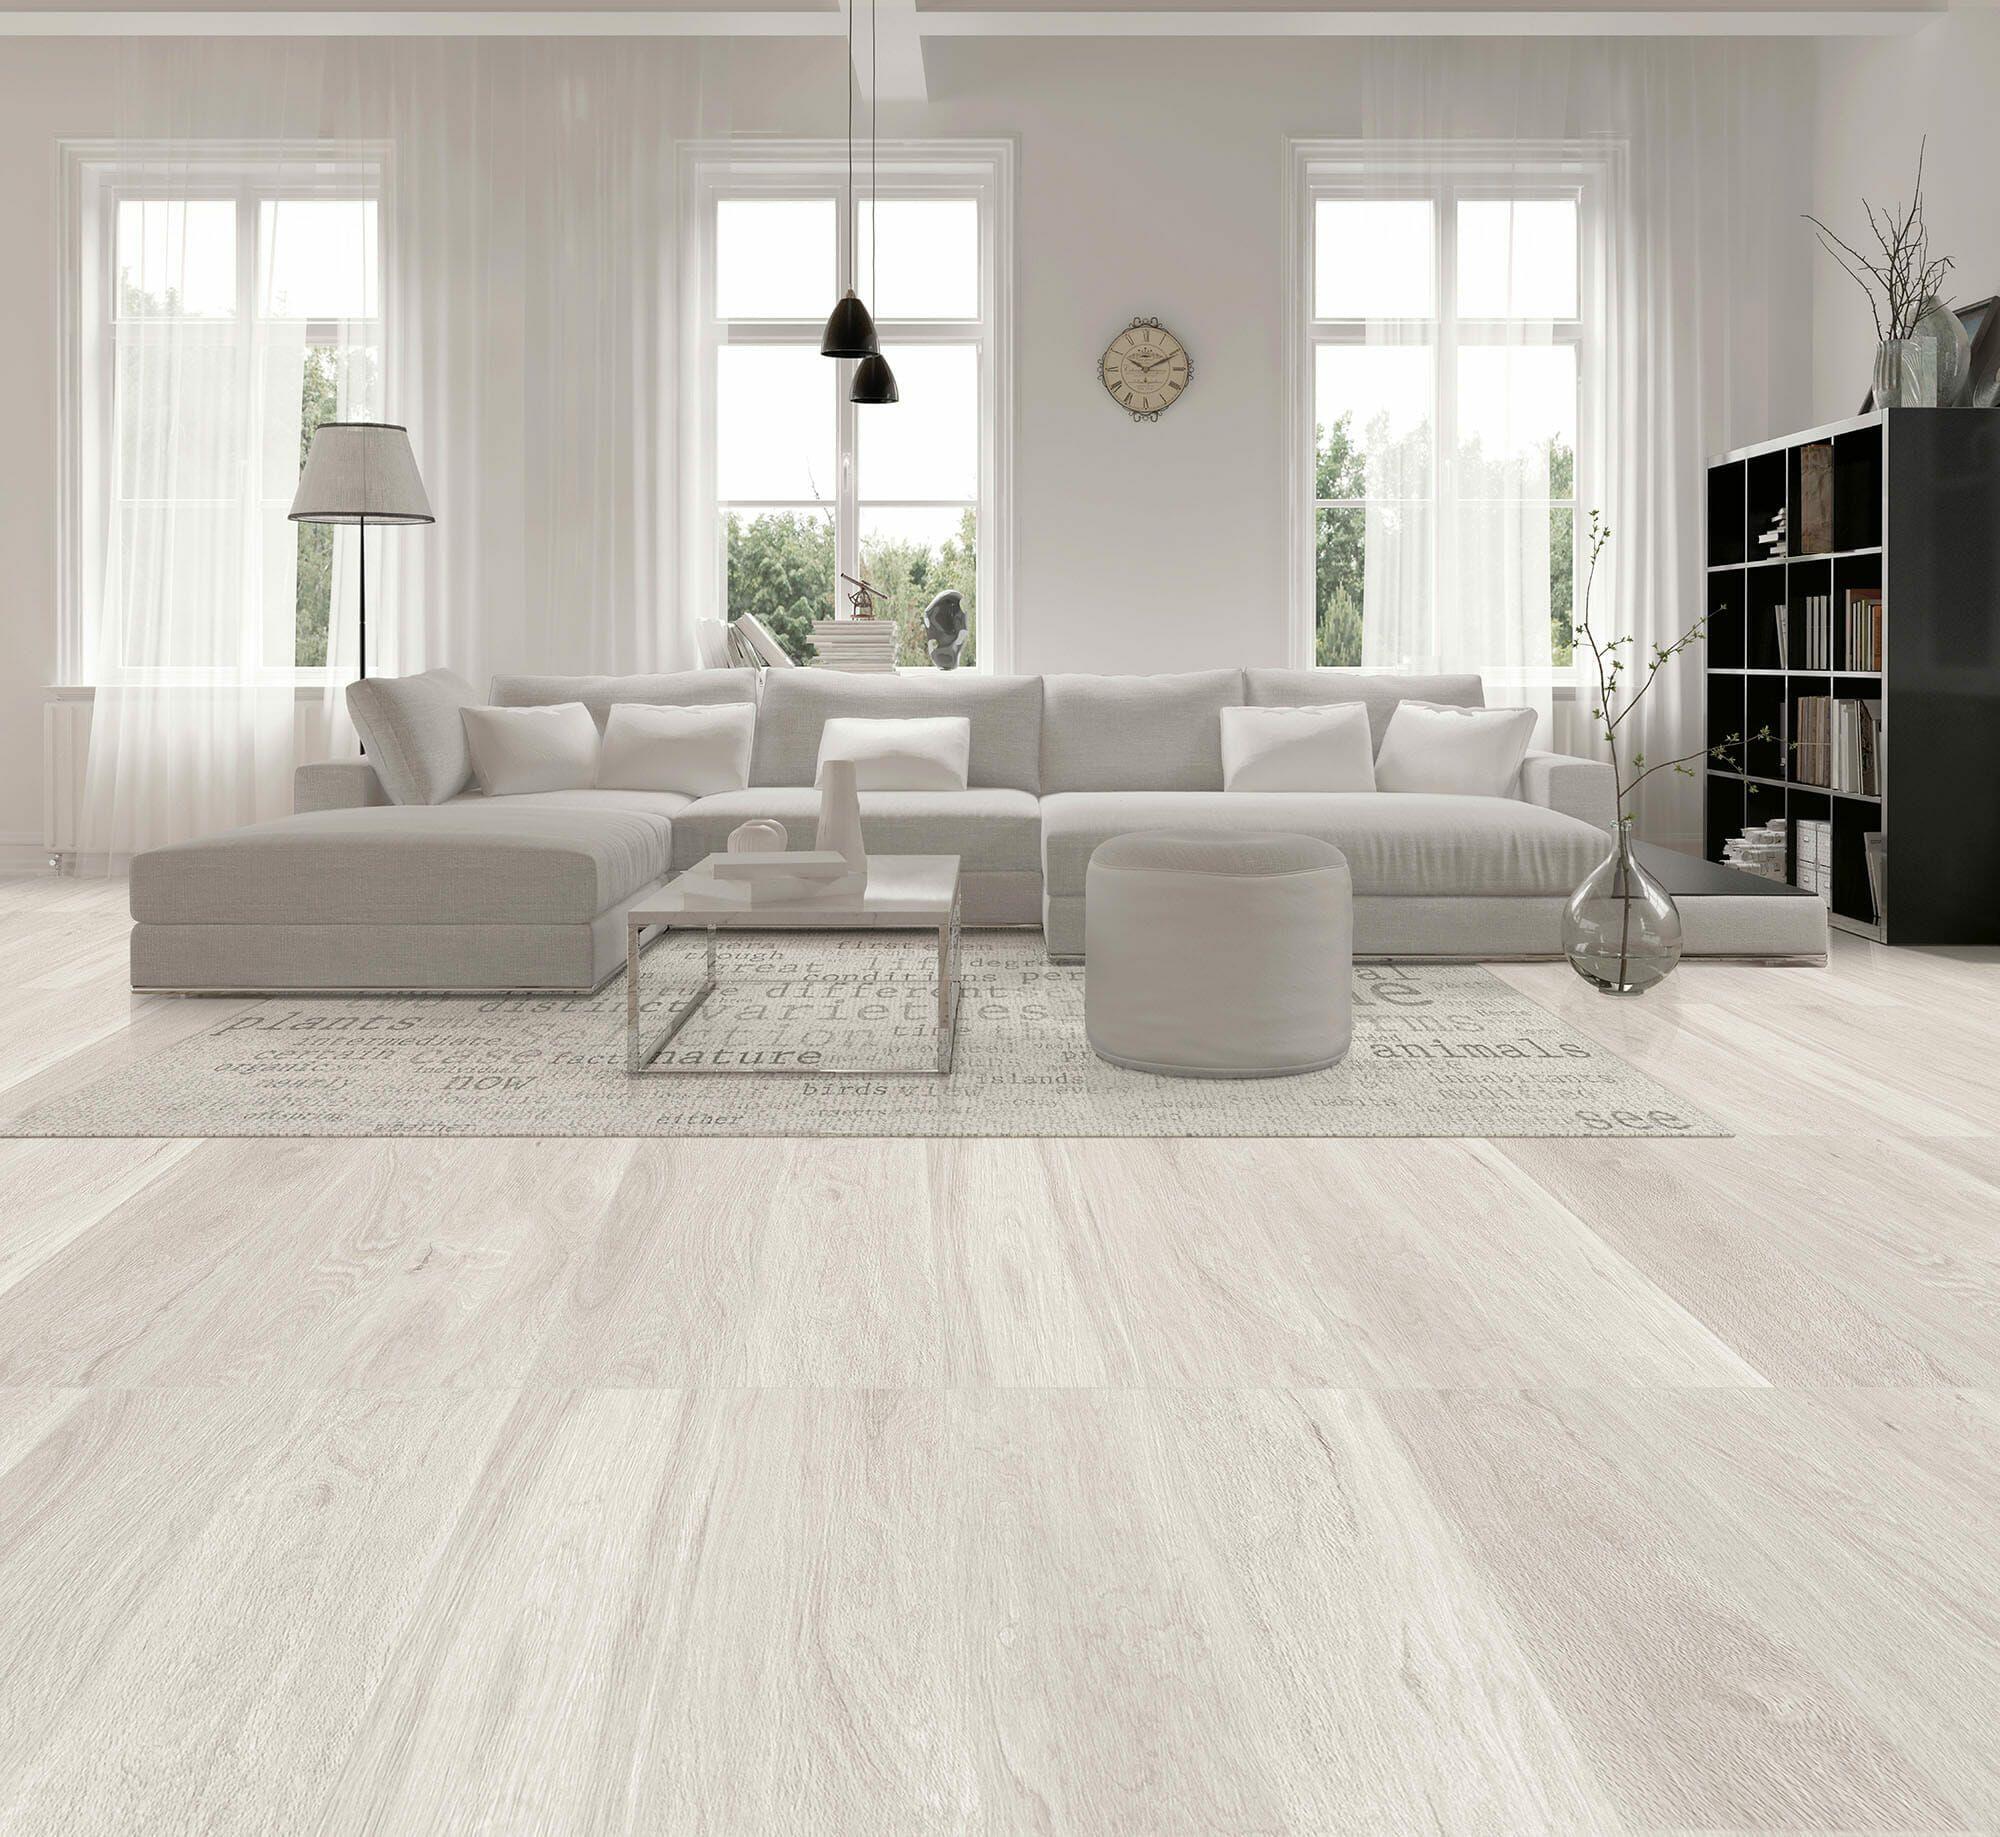 Light Wood Look Tile Kenia White Piso Interiores Pisos Para Sala Comedor Colores De Casas Interiores